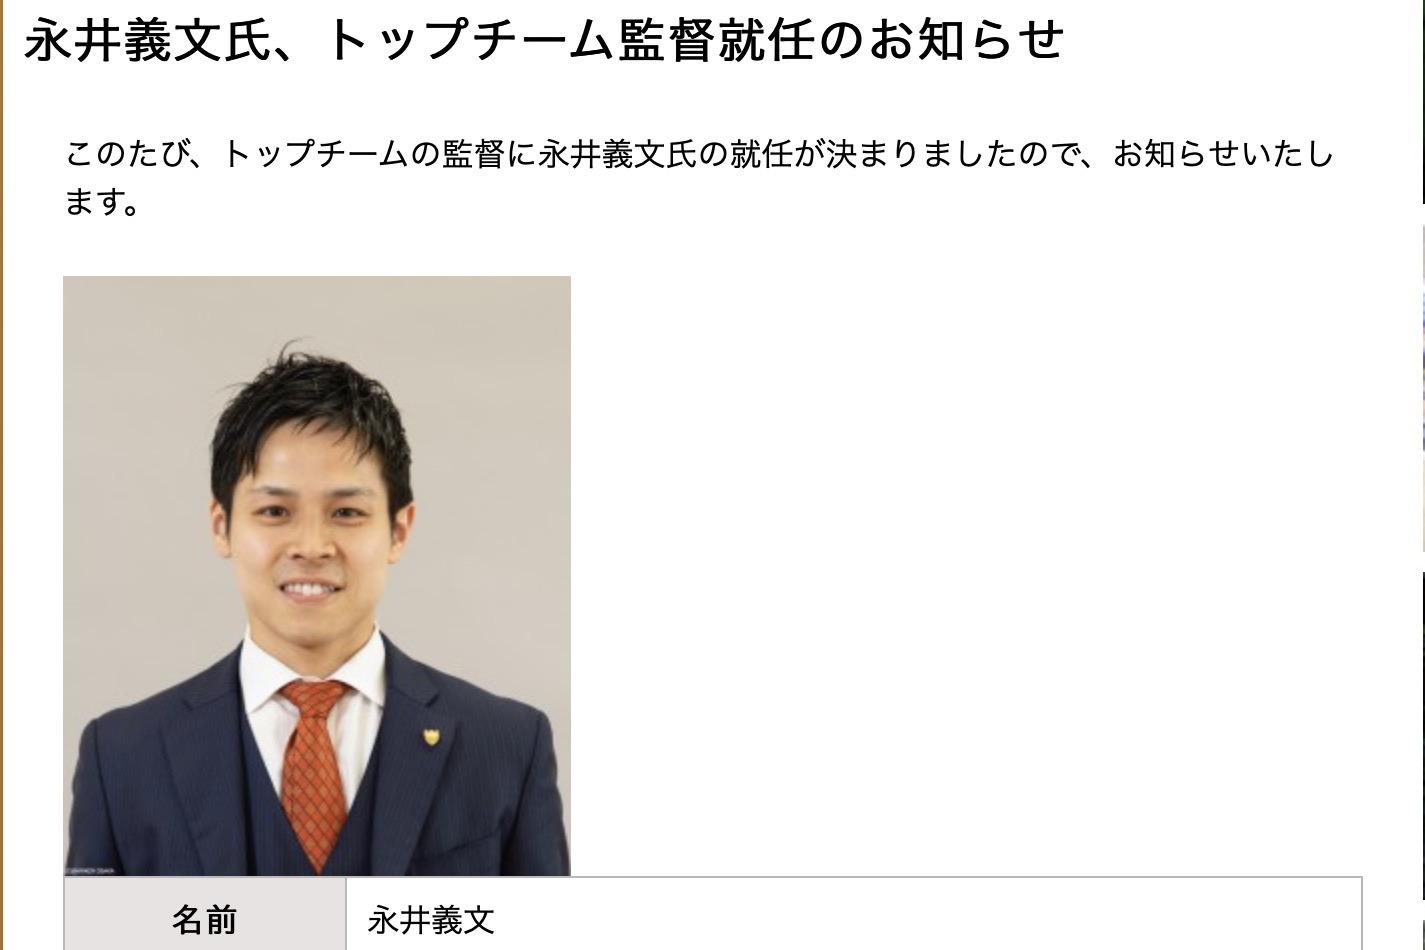 【監督就任】シュライカー大阪がクラブOB永井義文氏の監督就任を発表!「シュライカー大阪に関わる全ての人と元気・勇気・感動を共有する試合がしたいと思っています」